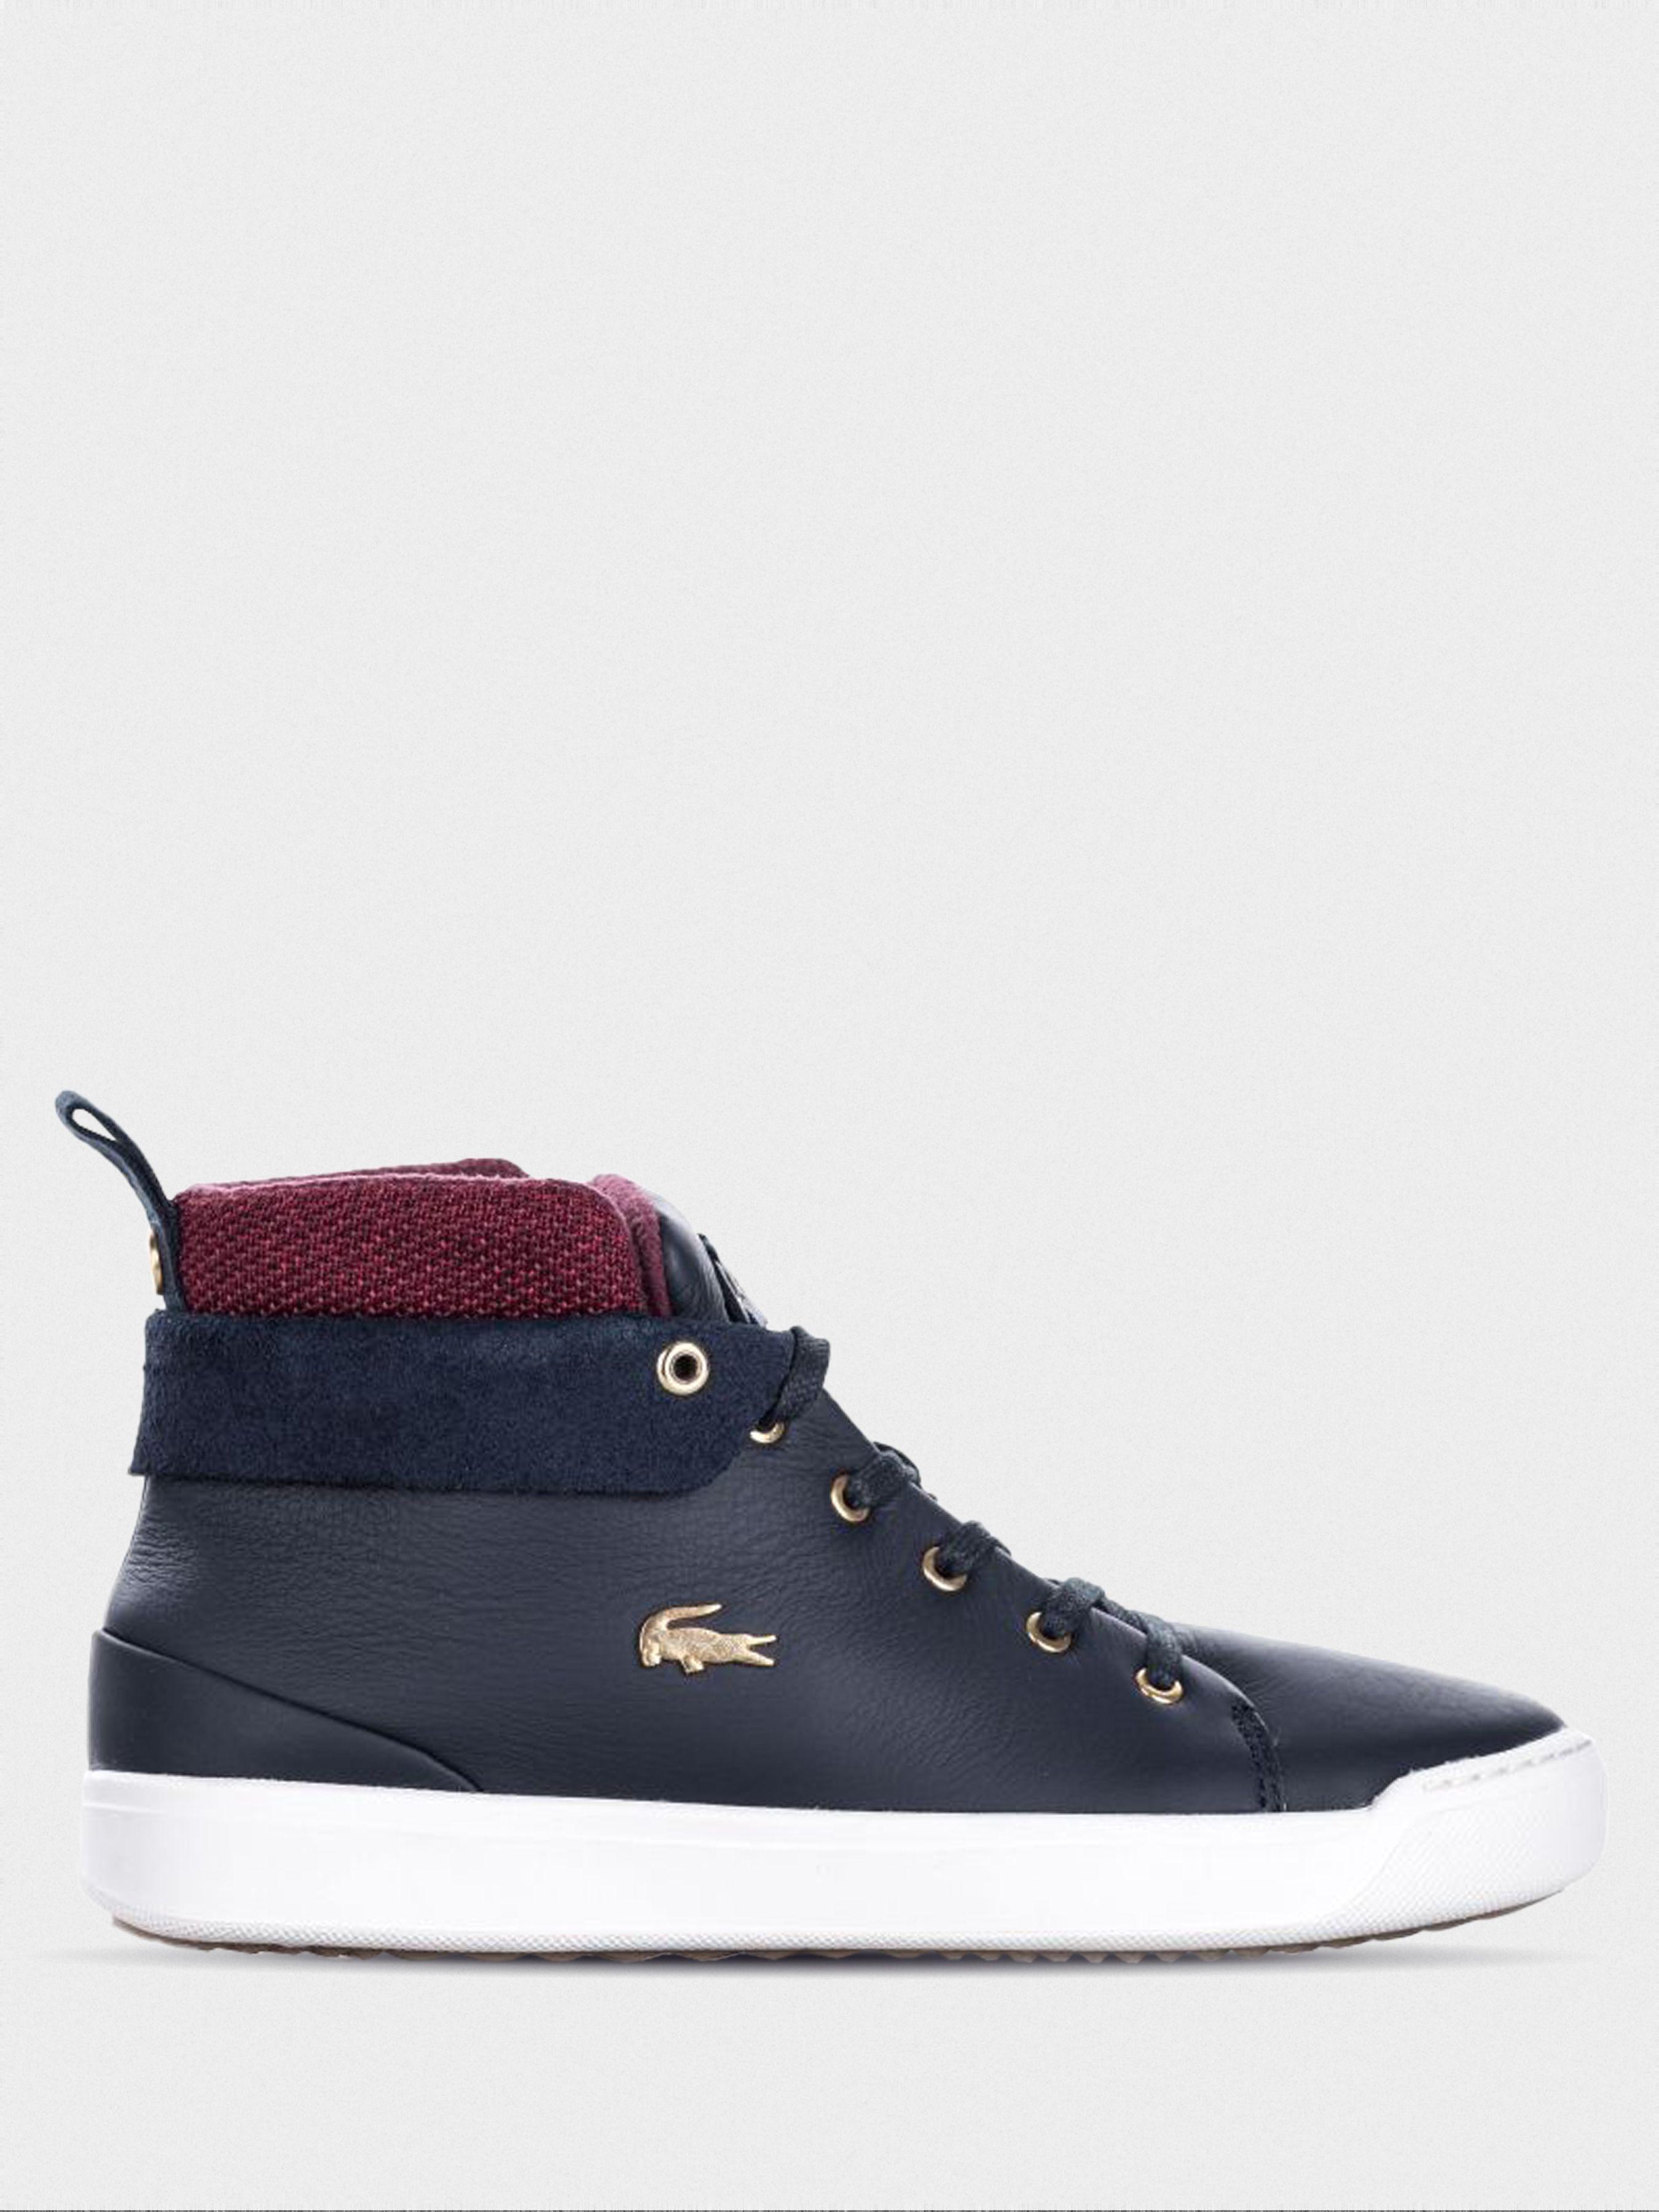 Ботинки женские Lacoste EXPLORATEUR LL166 брендовая обувь, 2017